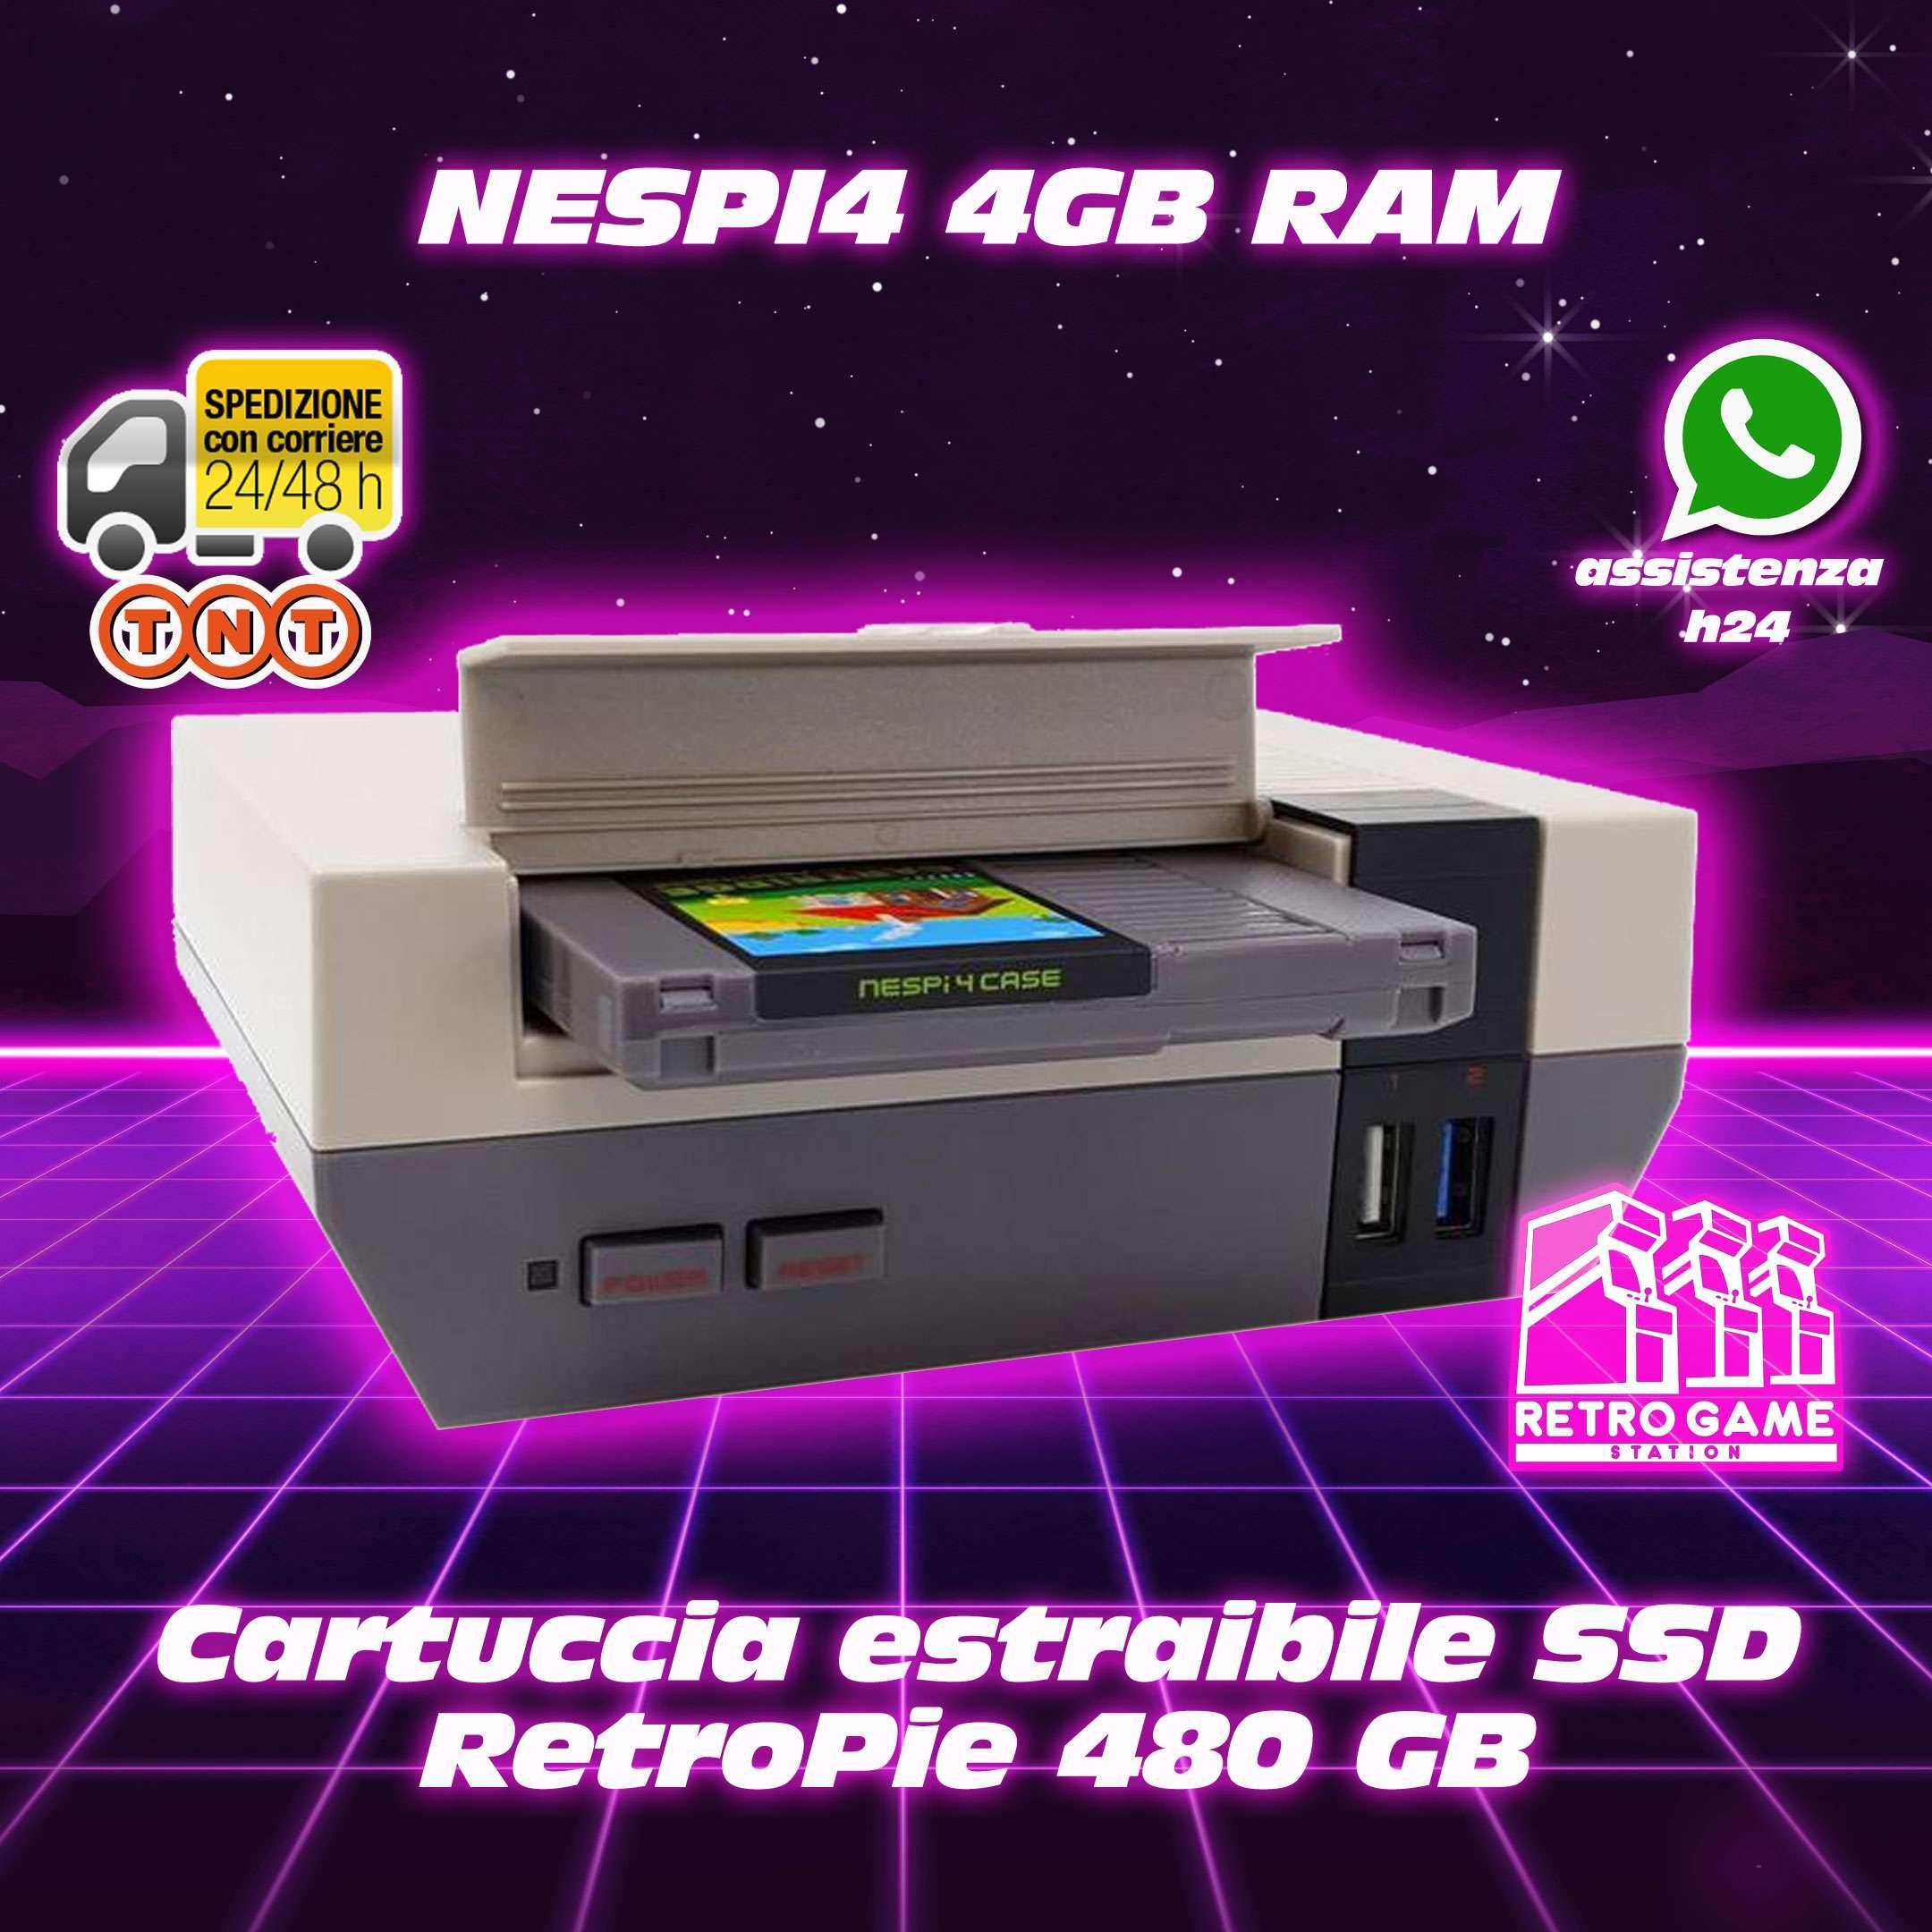 nespi4 raspbery pi 4 4gb ram